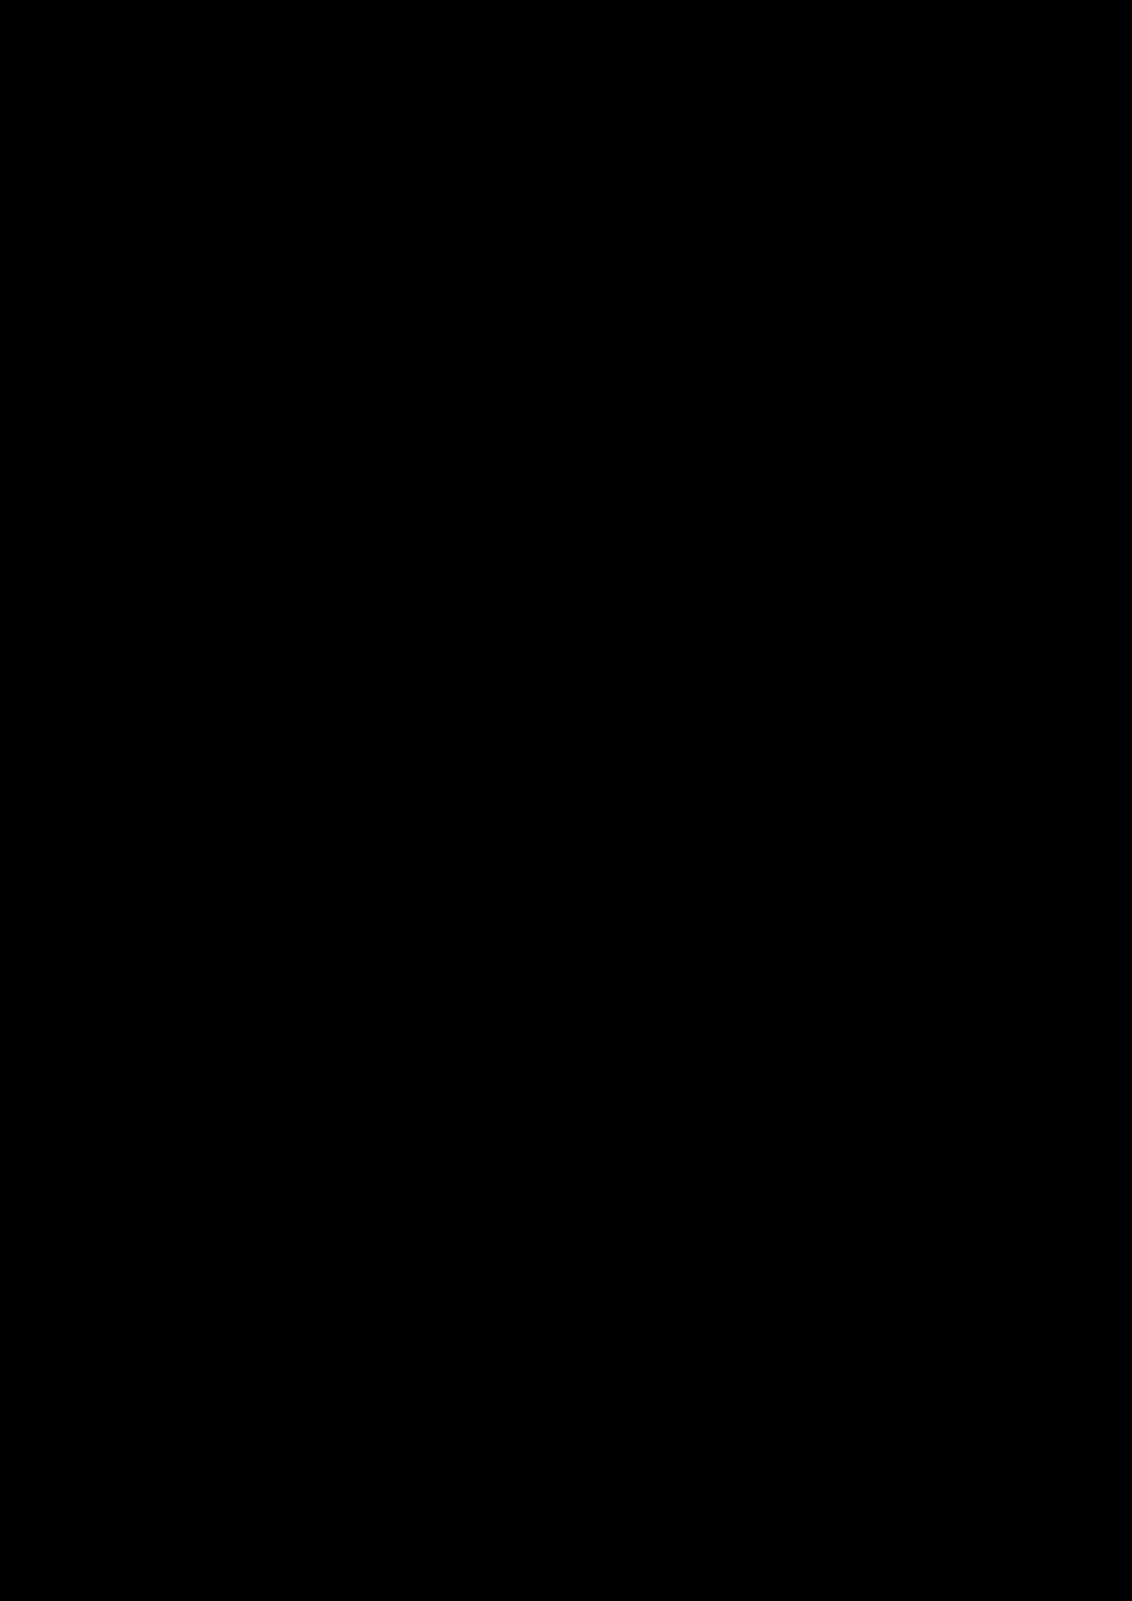 Proschanie s volshebnoy stranoy slide, Image 98